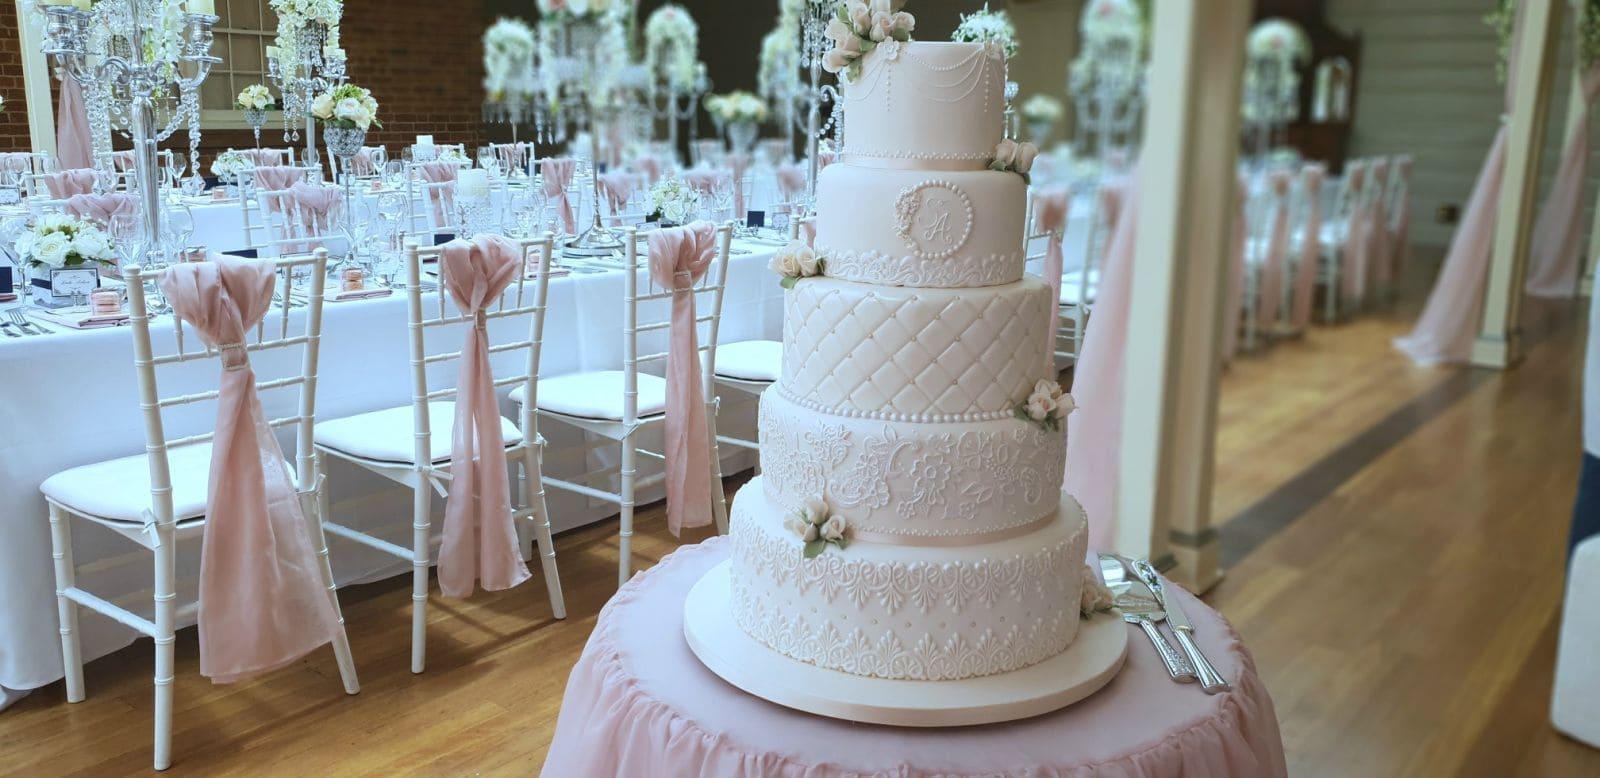 Brisbane Wedding Cakes - Elegant Cake